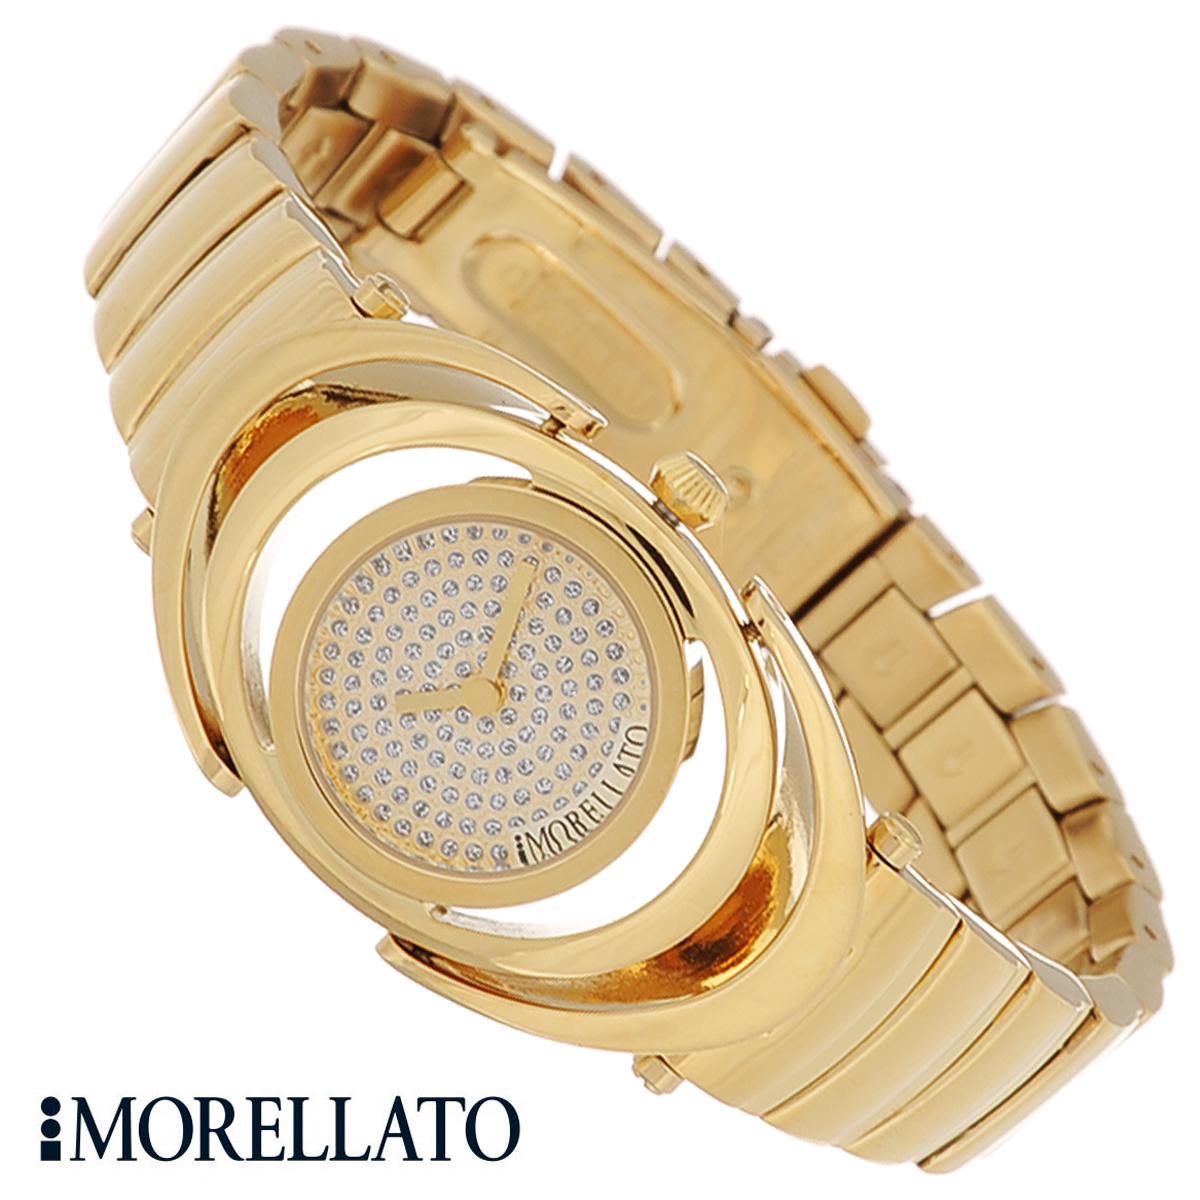 Часы женские наручные Morellato, цвет: золотой. R0153106503R0153106503Наручные женские часы Morellato оснащены кварцевым механизмом. Корпус выполнен из высококачественной нержавеющей стали с PVD-покрытием. Циферблат защищен минеральным стеклом и оформлен кристаллами. Часы имеют две стрелки - часовую и минутную. Браслет часов выполнен из нержавеющей стали с PVD-покрытием и оснащен раскладывающейся застежкой-клипсой. Часы укомплектованы паспортом с подробной инструкцией. Часы Morellato отличаются уникальным, но в то же время простым и лаконичным стилем. Характеристики: Диаметр циферблата: 1,9 см. Размер корпуса: 2,6 см х 4,8 см х 0,6 см. Длина браслета (с корпусом): 24,5 см. Ширина браслета: 1,5 см.